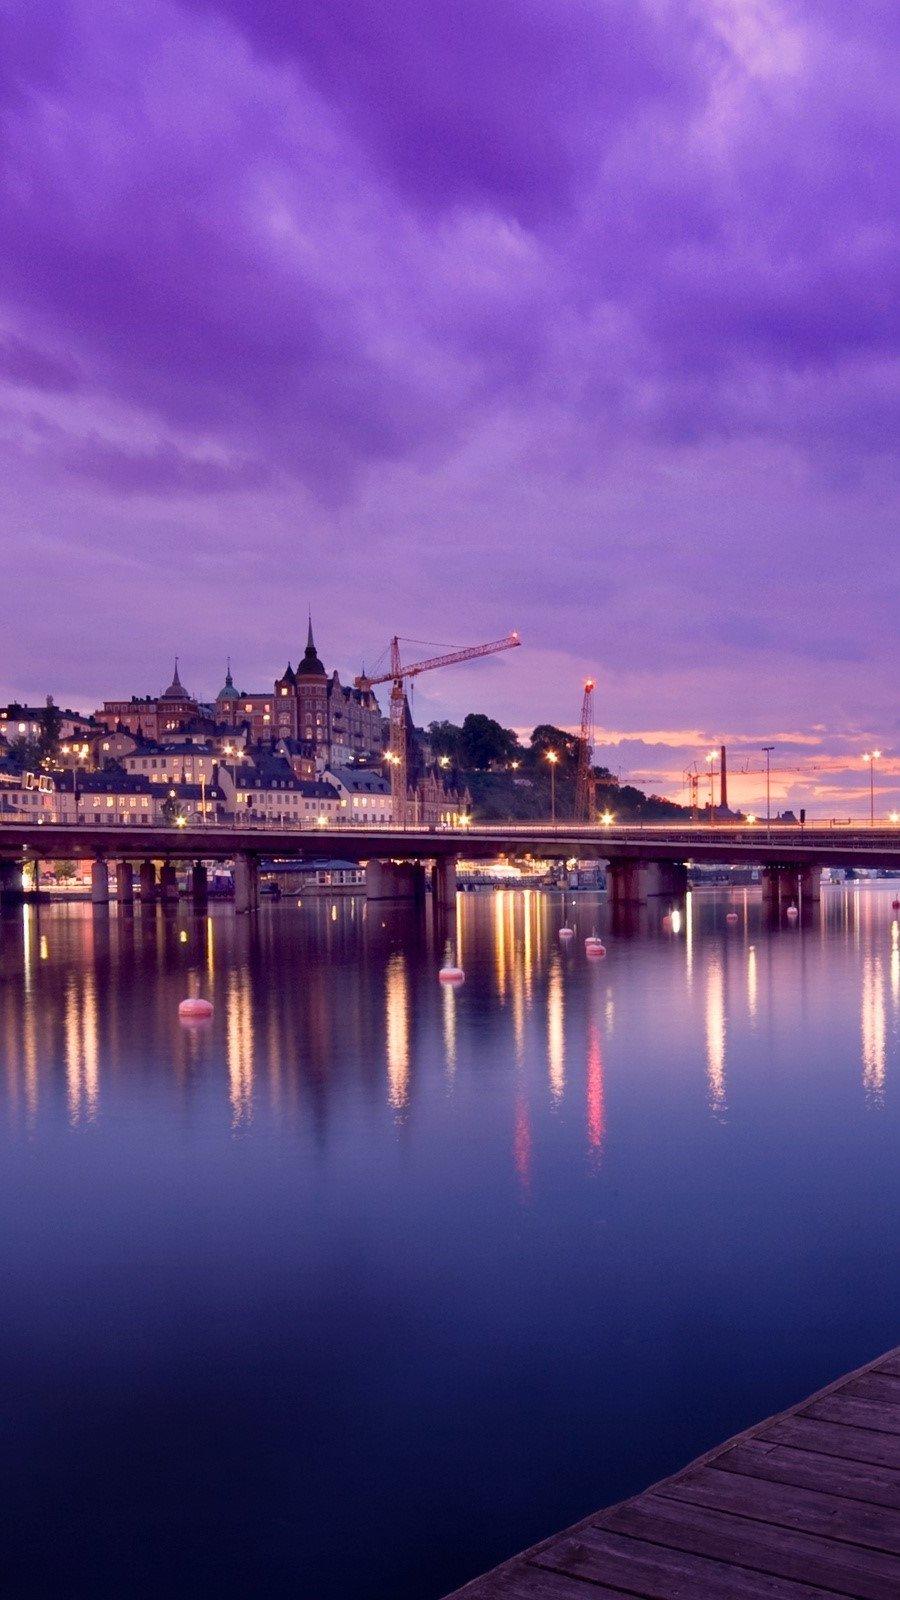 Fondos de pantalla Reflejos en Stockholm Suecia Vertical